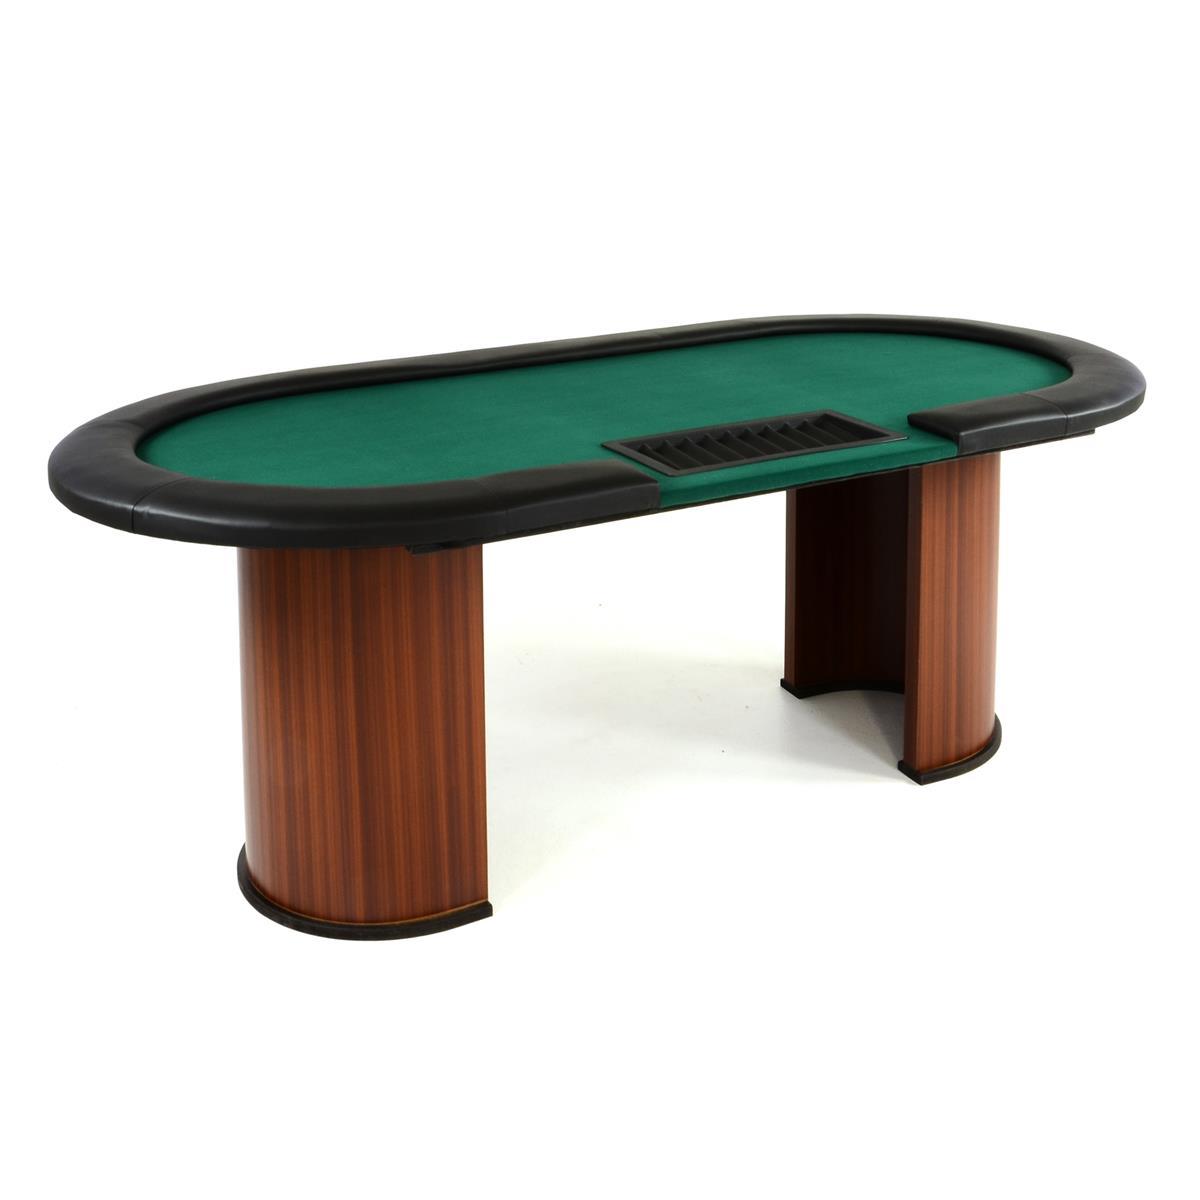 Pokertisch massiver CasinotischHolz Filzbezug 213 x 105 x 75 cm für 10 Spieler